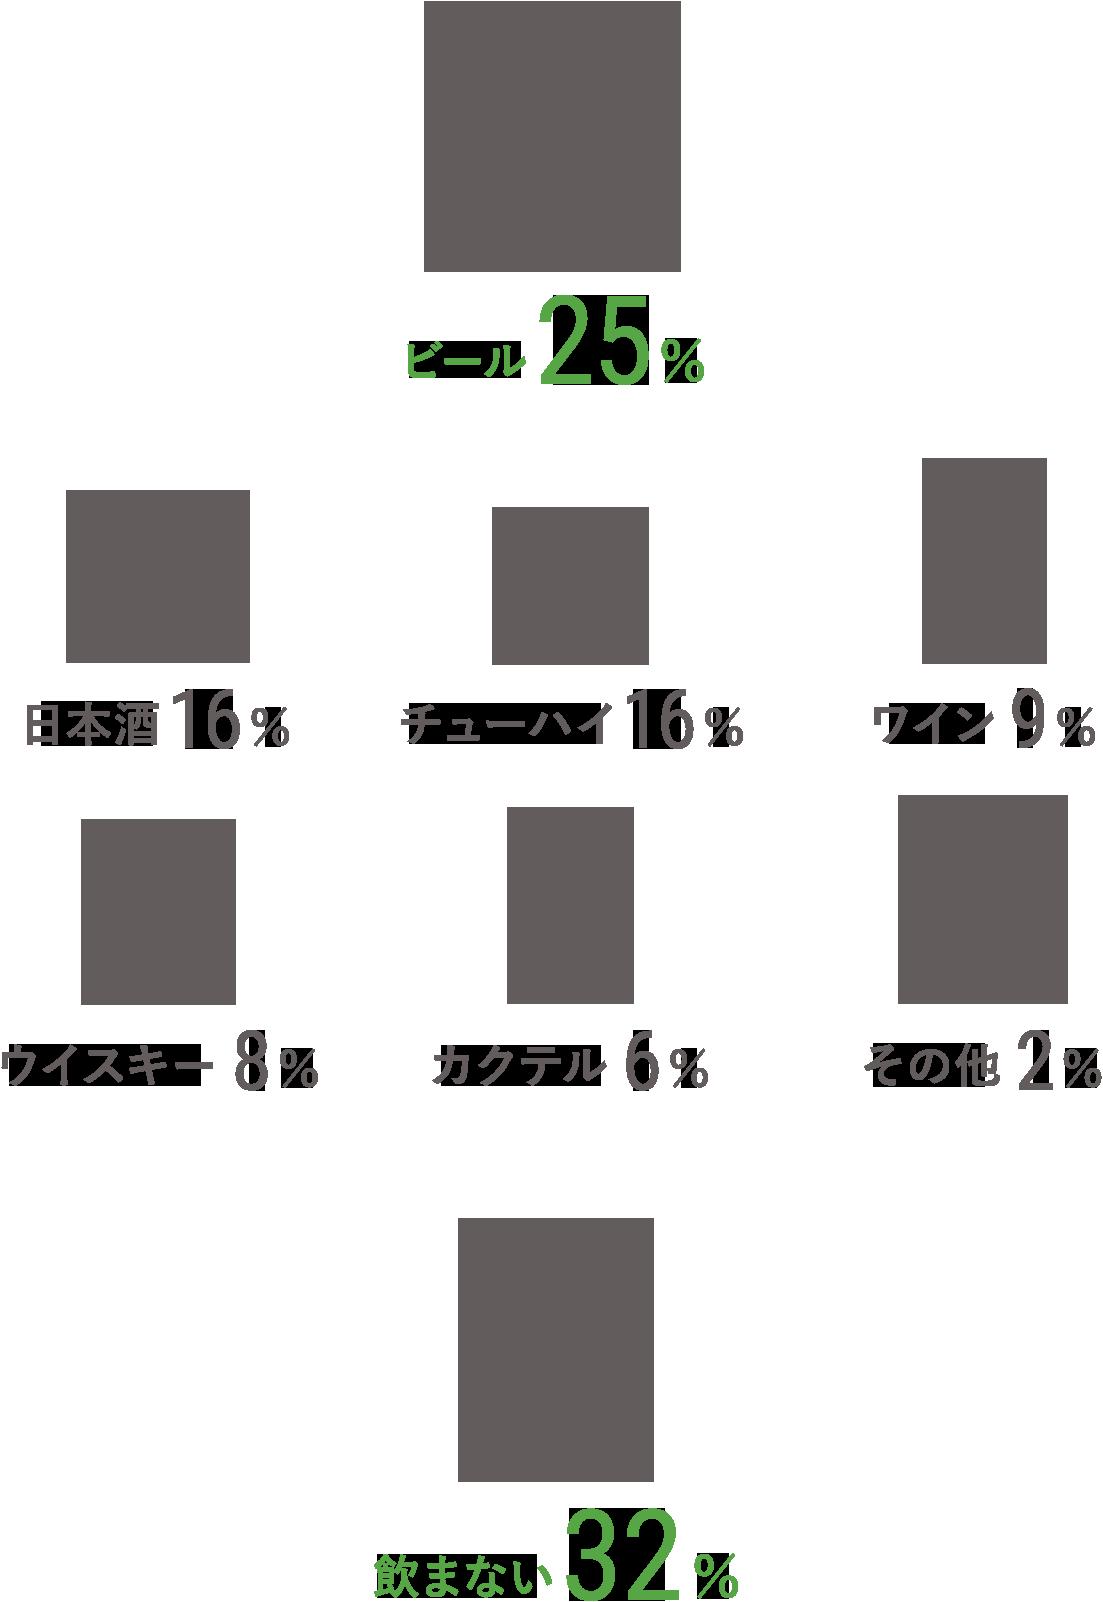 ビール/25% 日本酒/16% チューハイ/16% ワイン/9% ウイスキー/8% カクテル/6% その他/2% 飲まない/32%